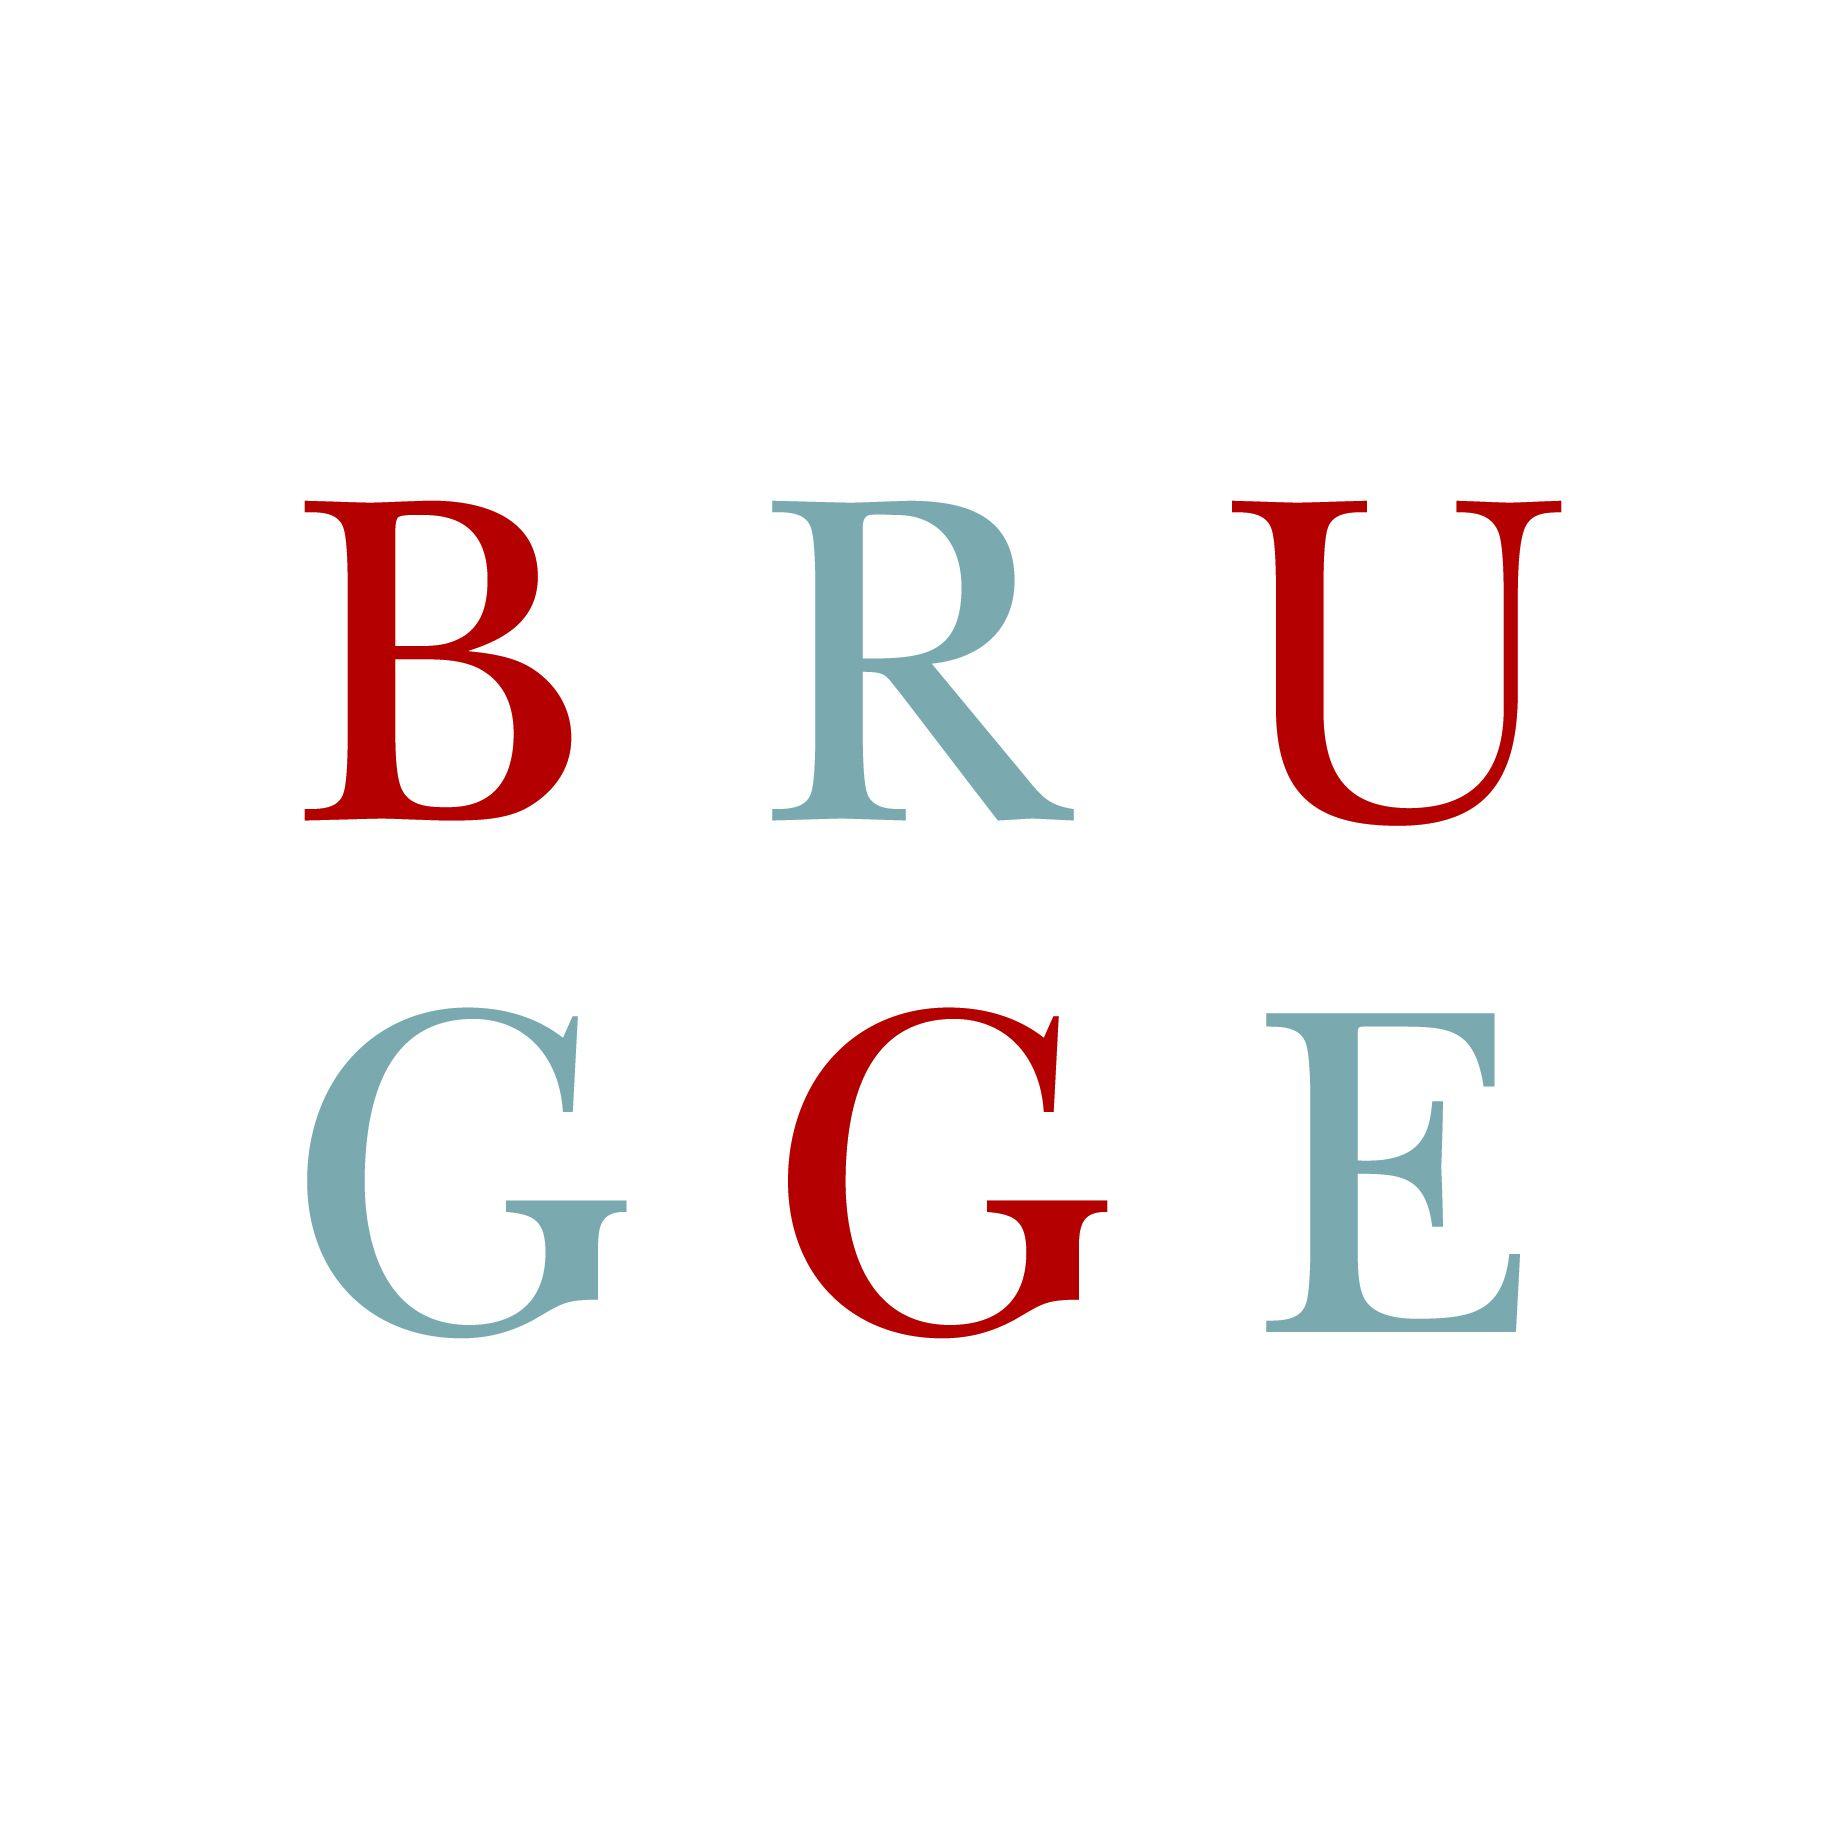 de stad Brugge